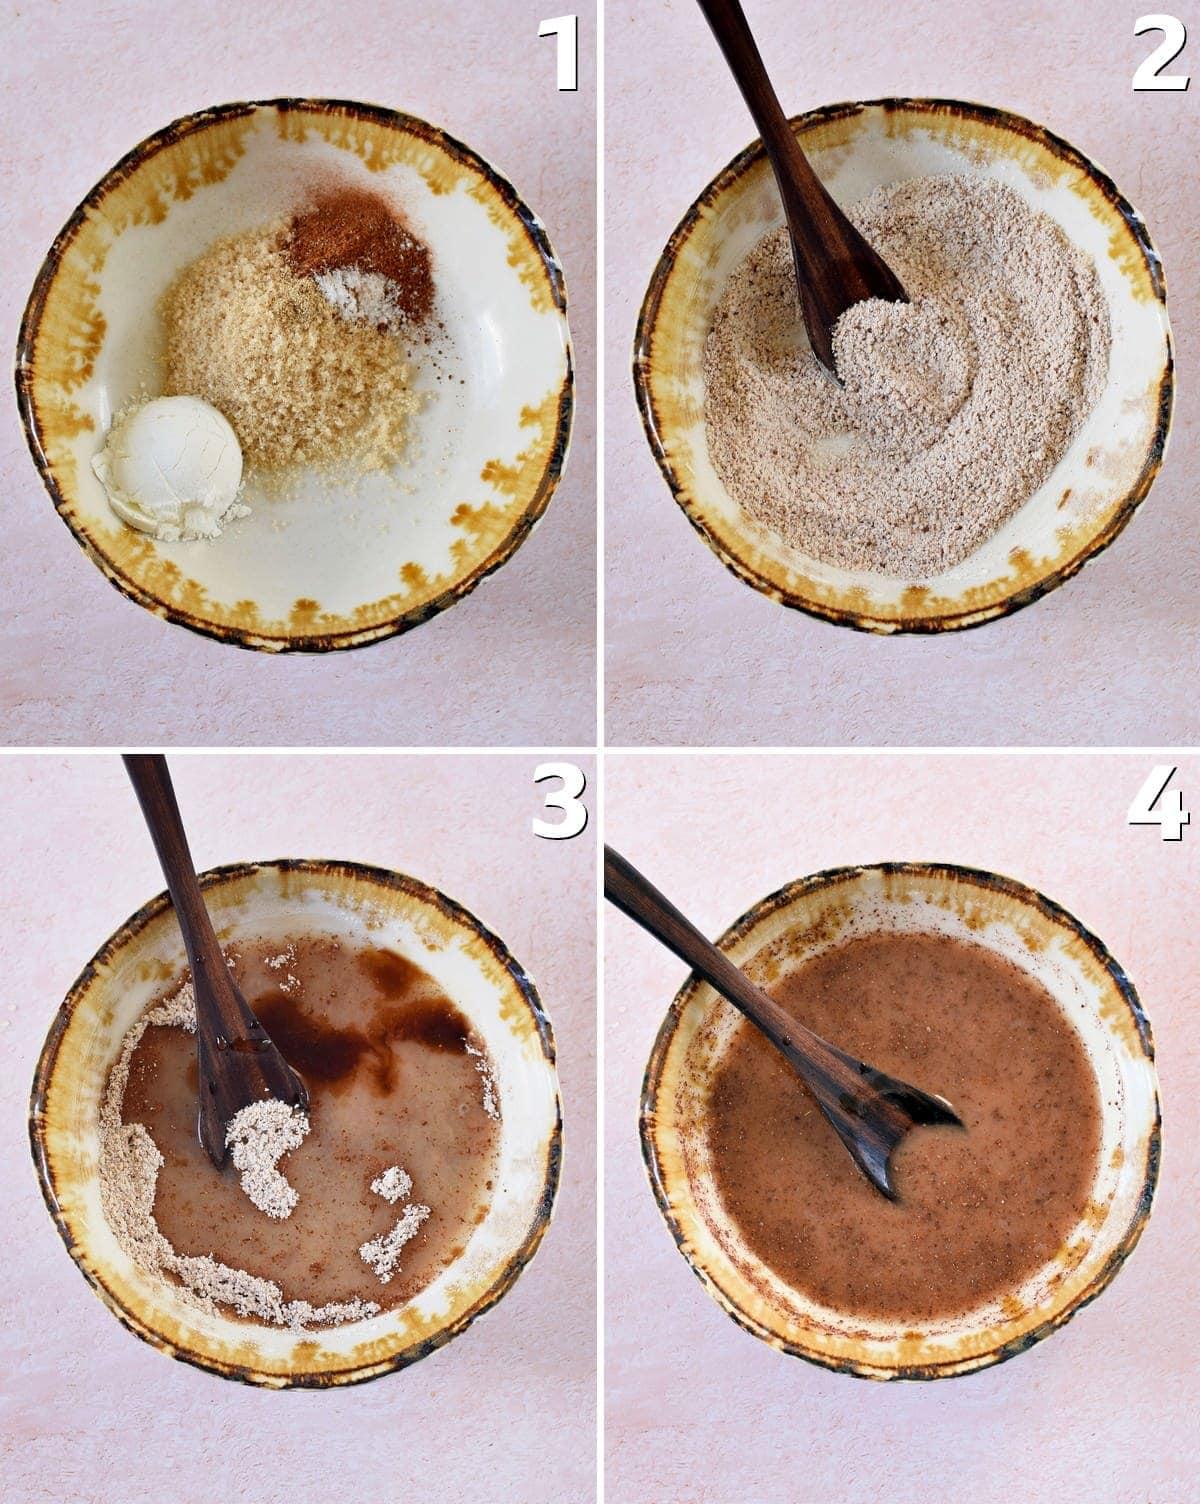 4 Schritt-für-Schritt-Fotos, wie man die Füllung für einen Dessert mit Äpfeln und Streuseln herstellt